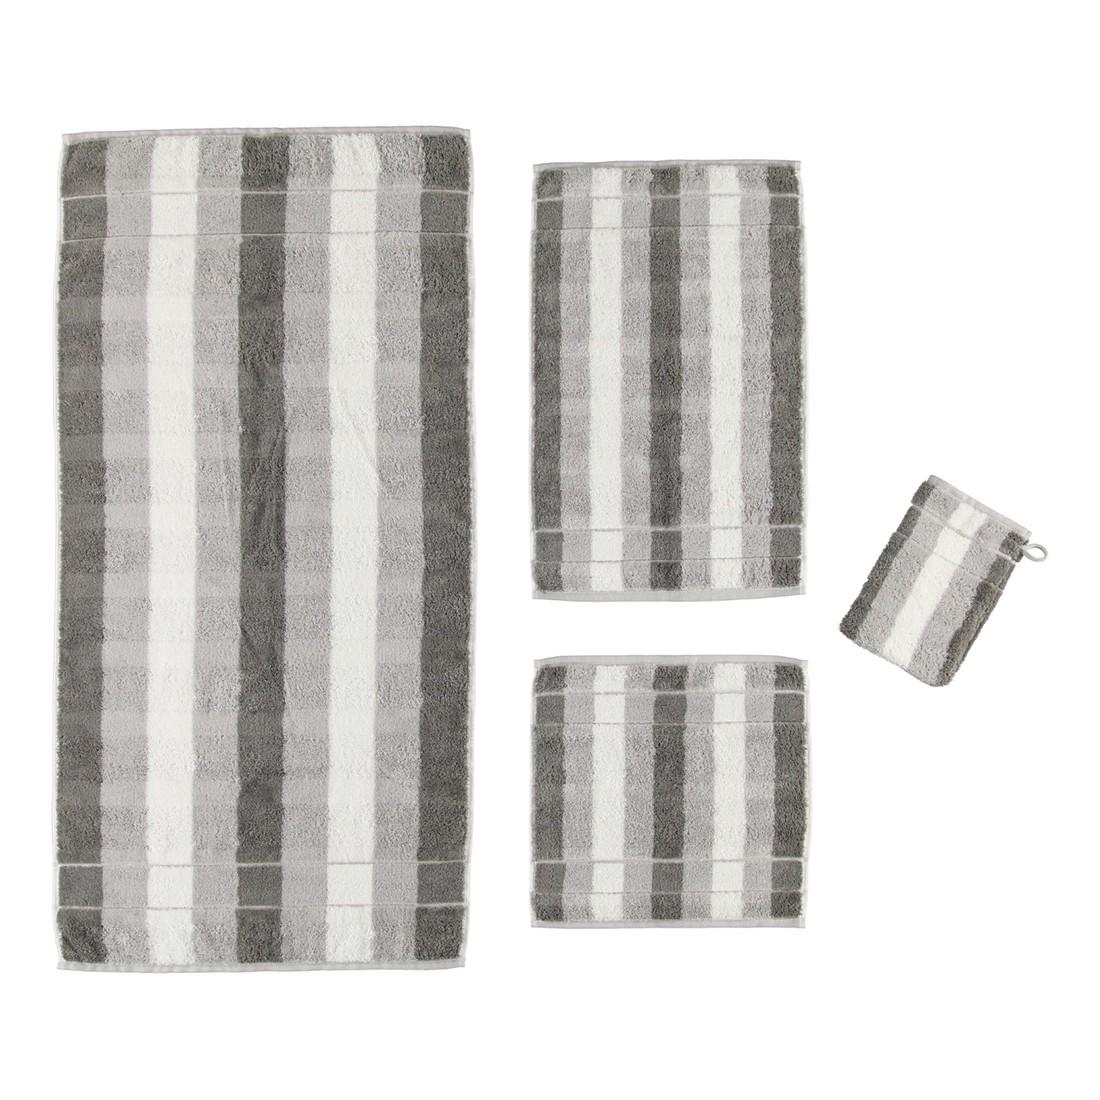 Handtuch Noblesse2 Blockstreifen – 100% Baumwolle graphit – 76 – Handtuch: 50 x 100 cm, Cawö günstig online kaufen